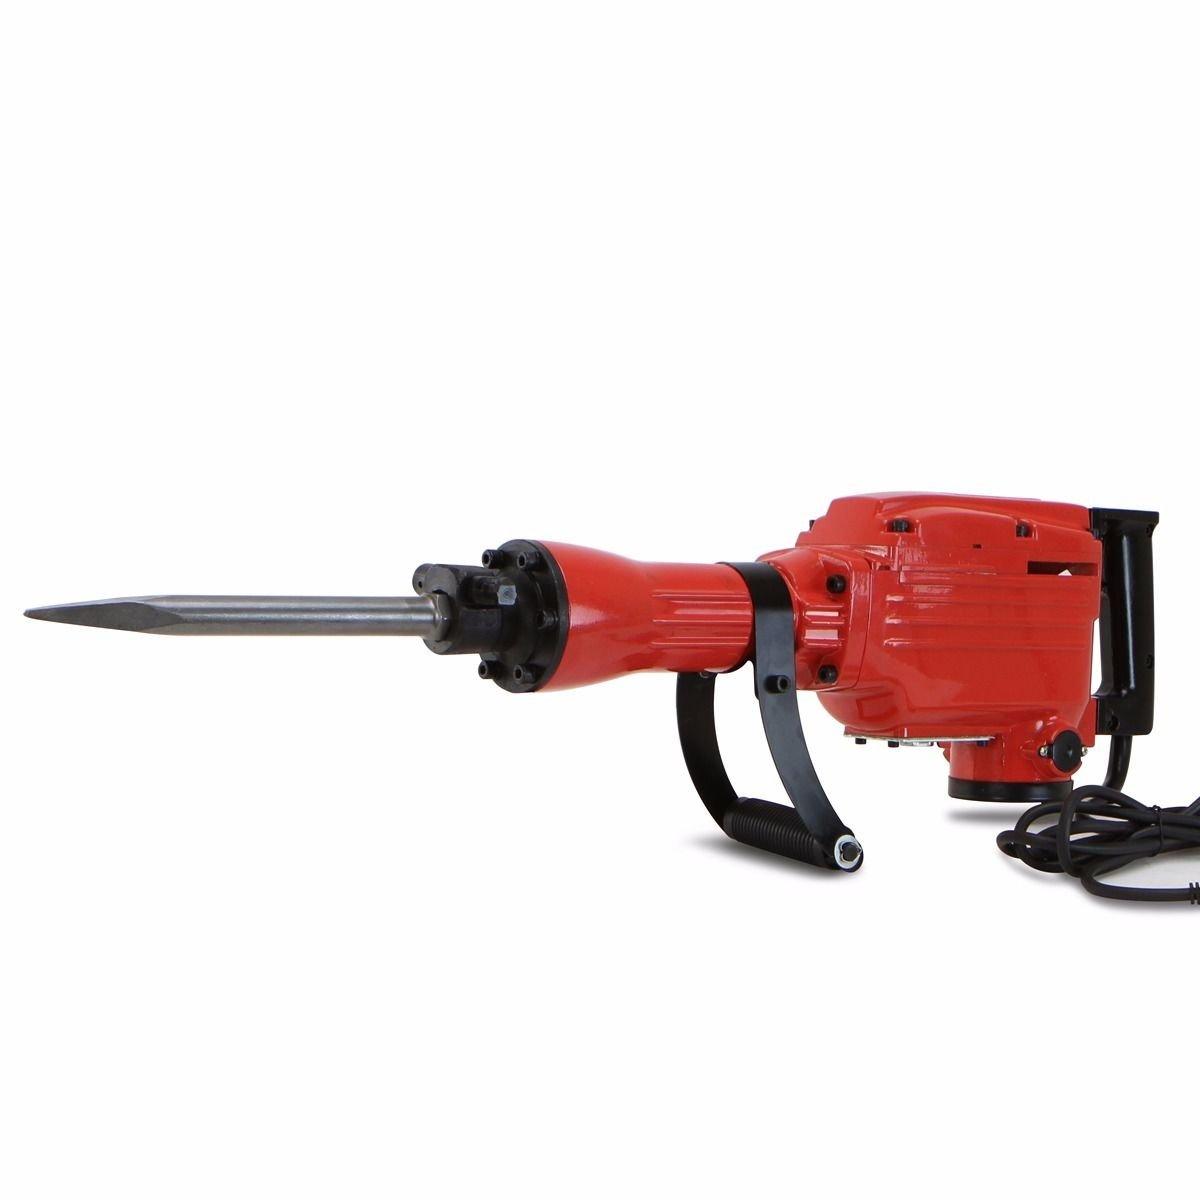 HD 2200 Watt Electric Demolition Jack Hammer Concrete Breaker Punch Chisel Bit by Unknown